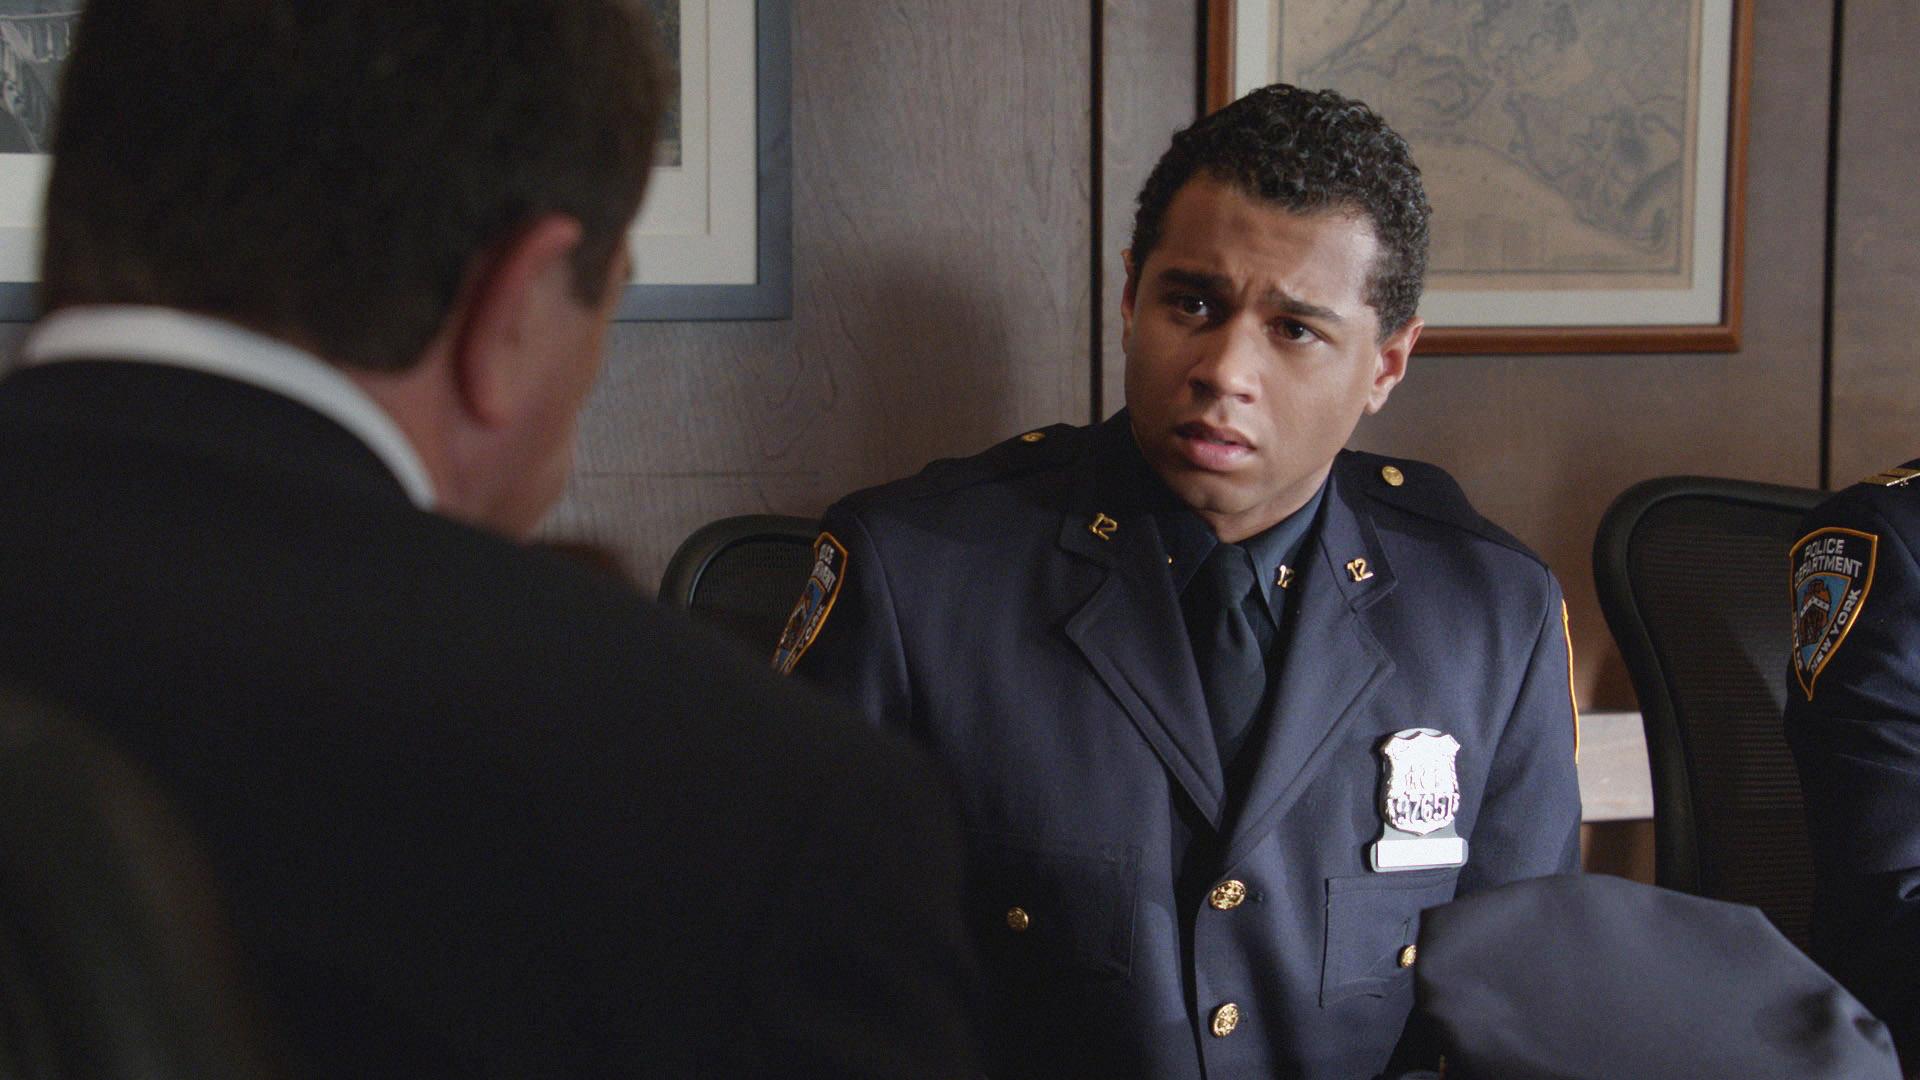 Officer Blake